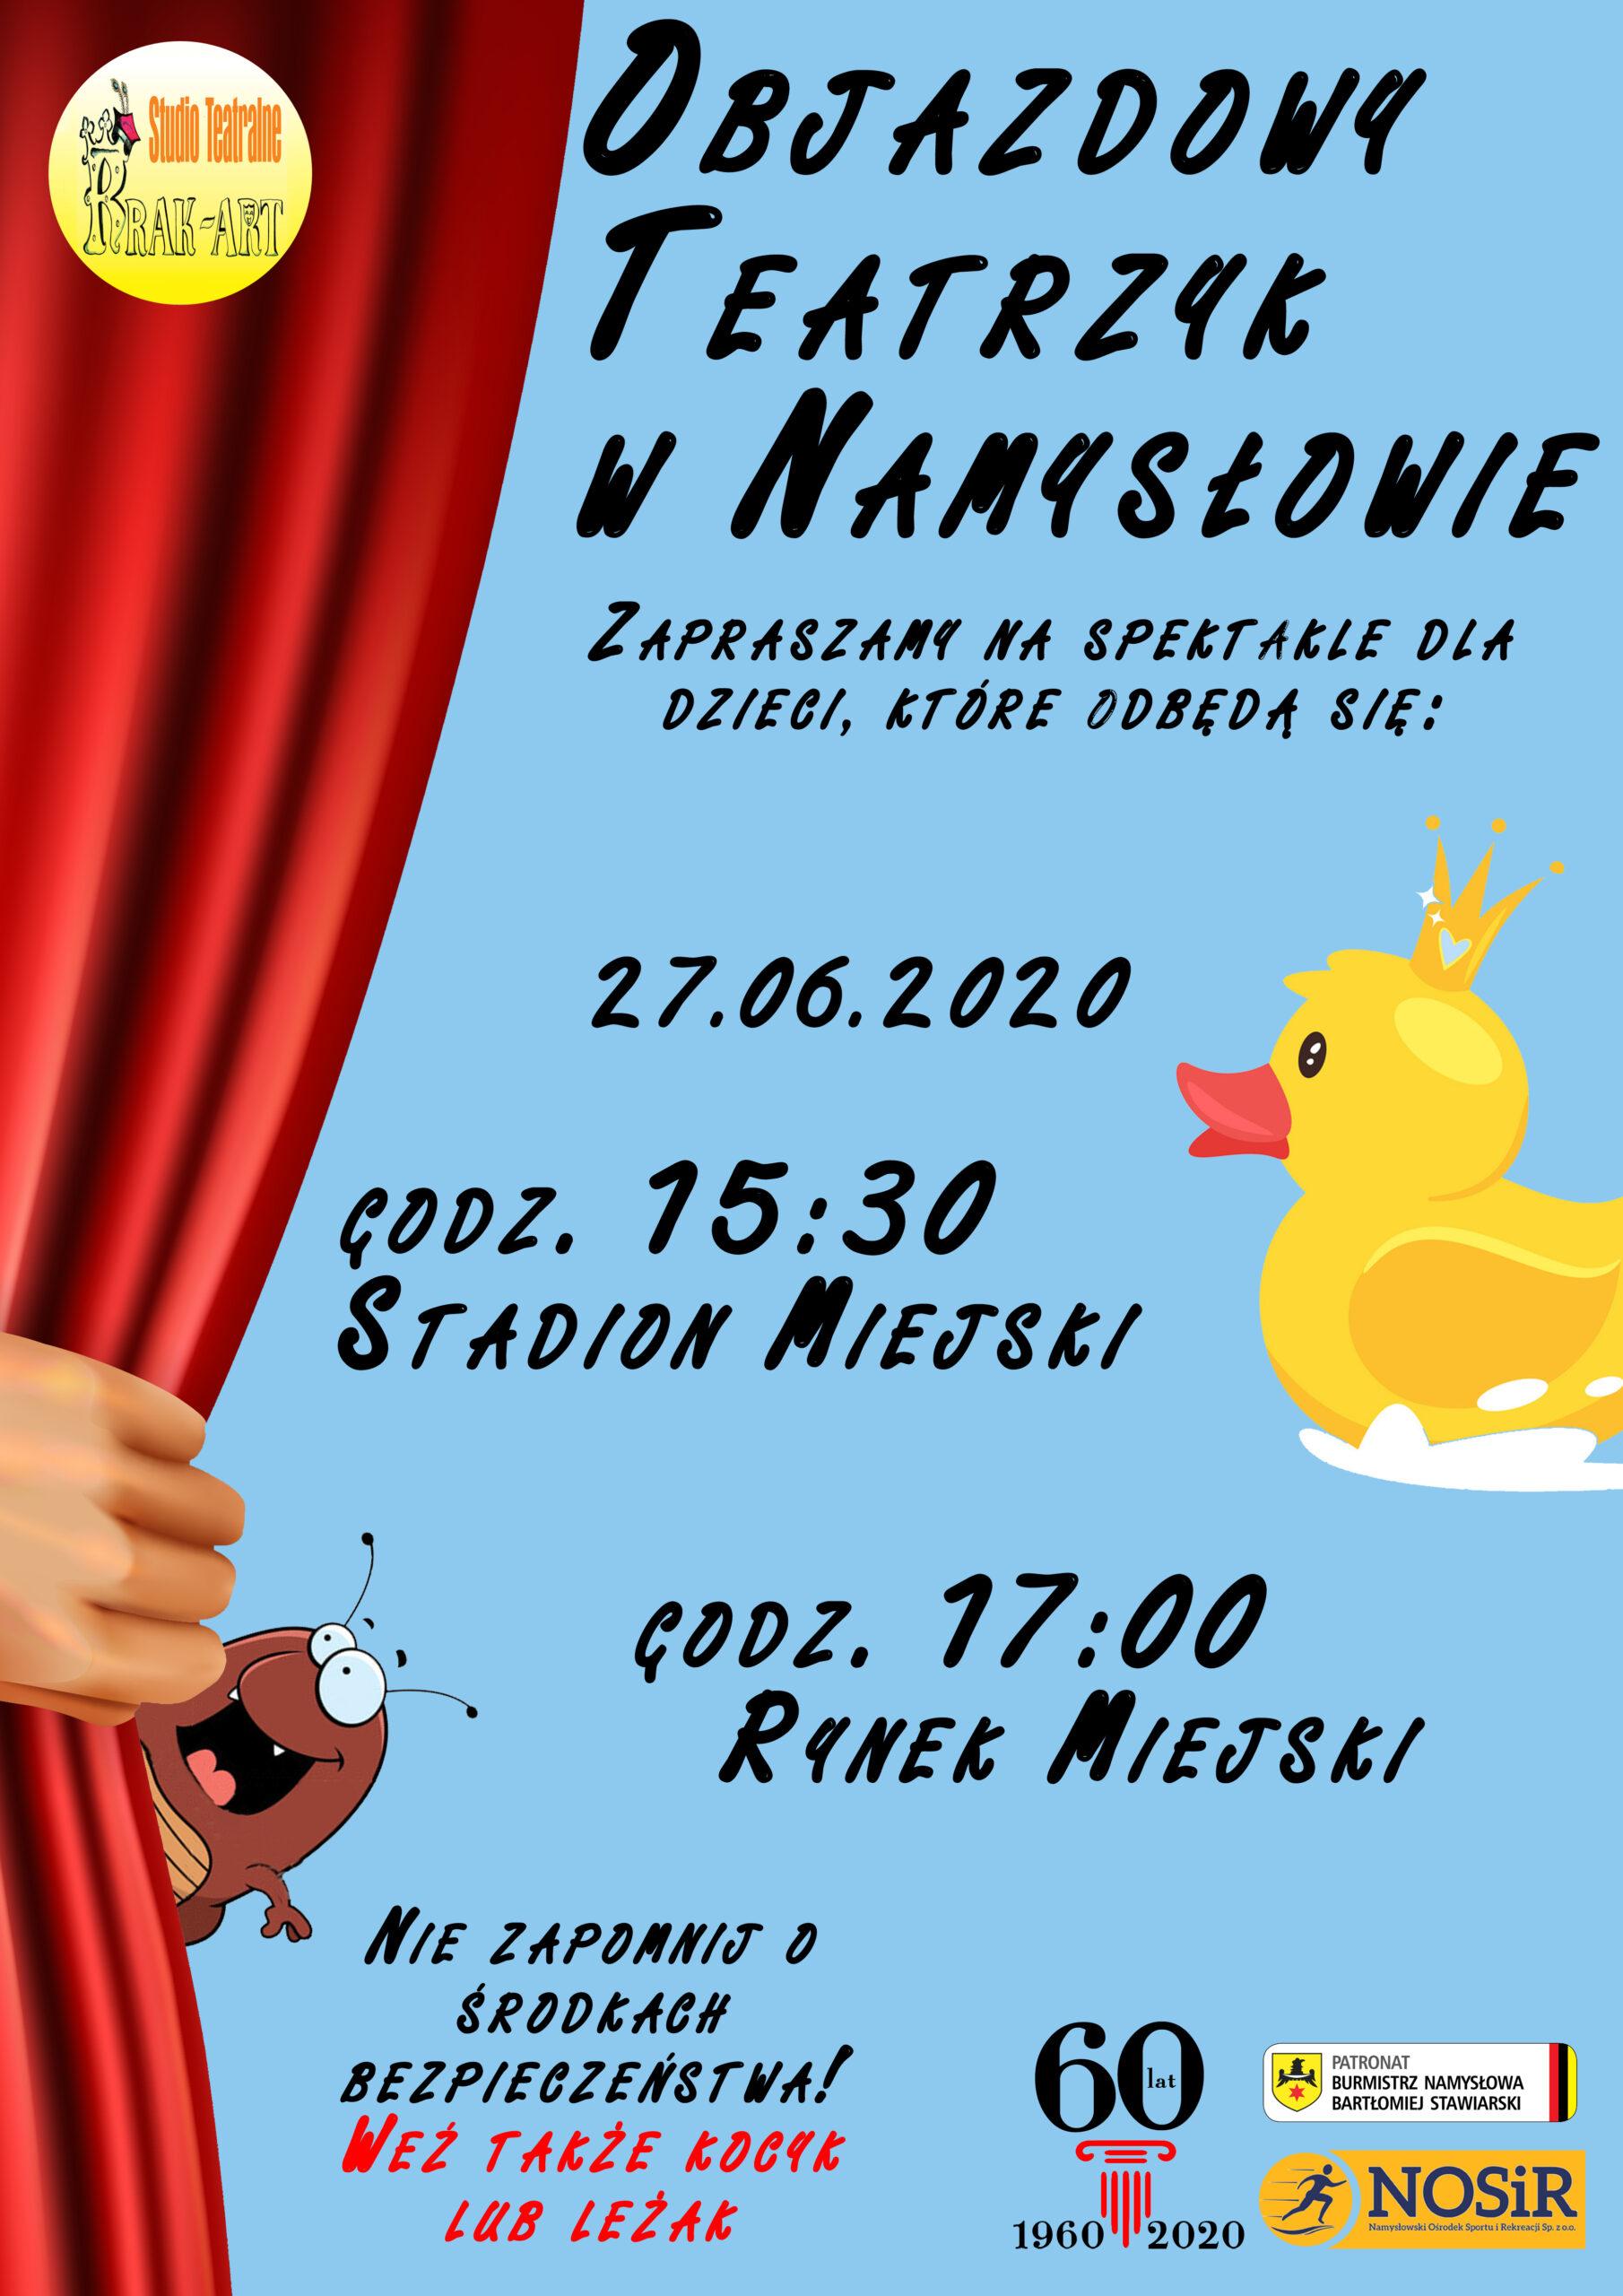 Objazdowy teatrzyk w Namysłowie